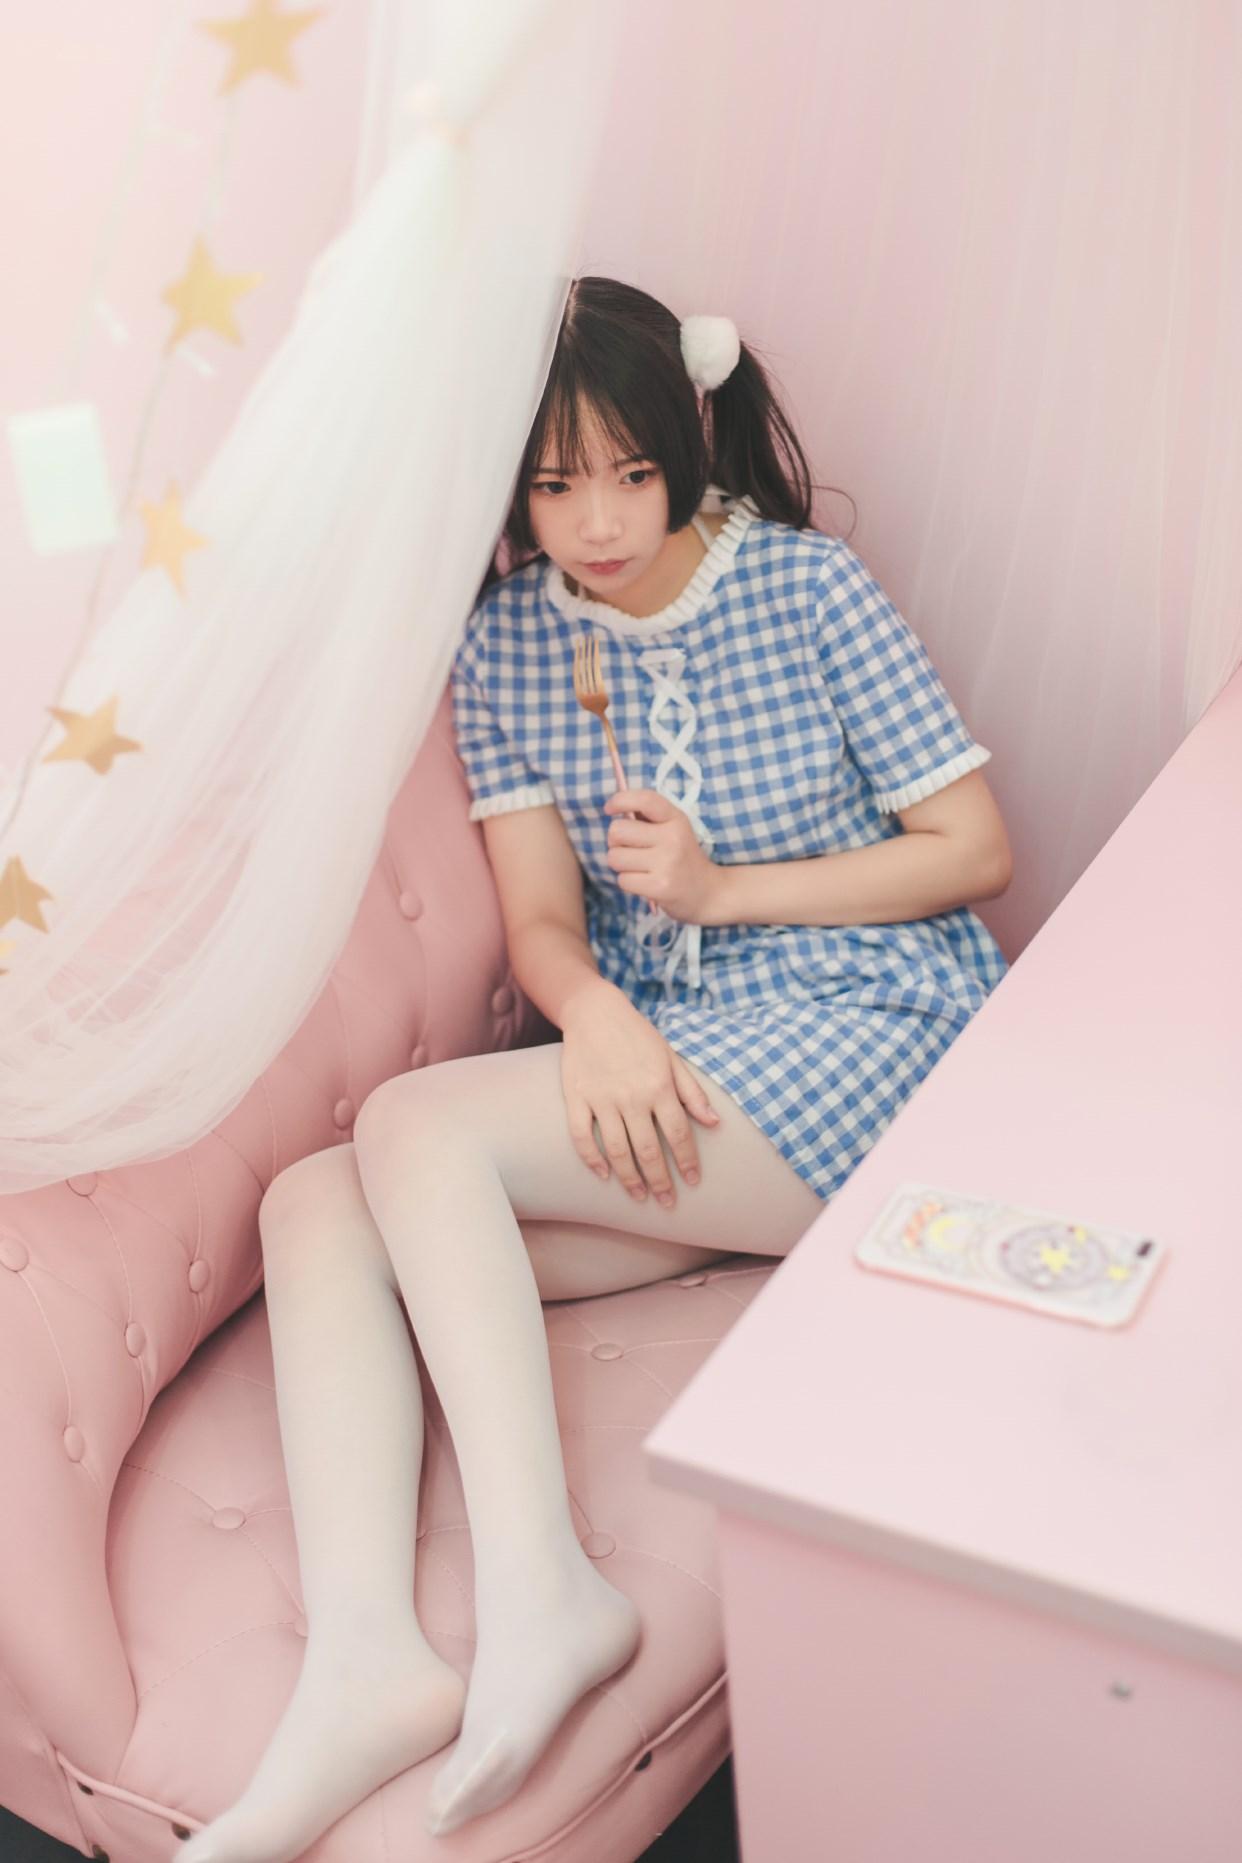 【兔玩映画】粉色的小萝莉 兔玩映画 第16张